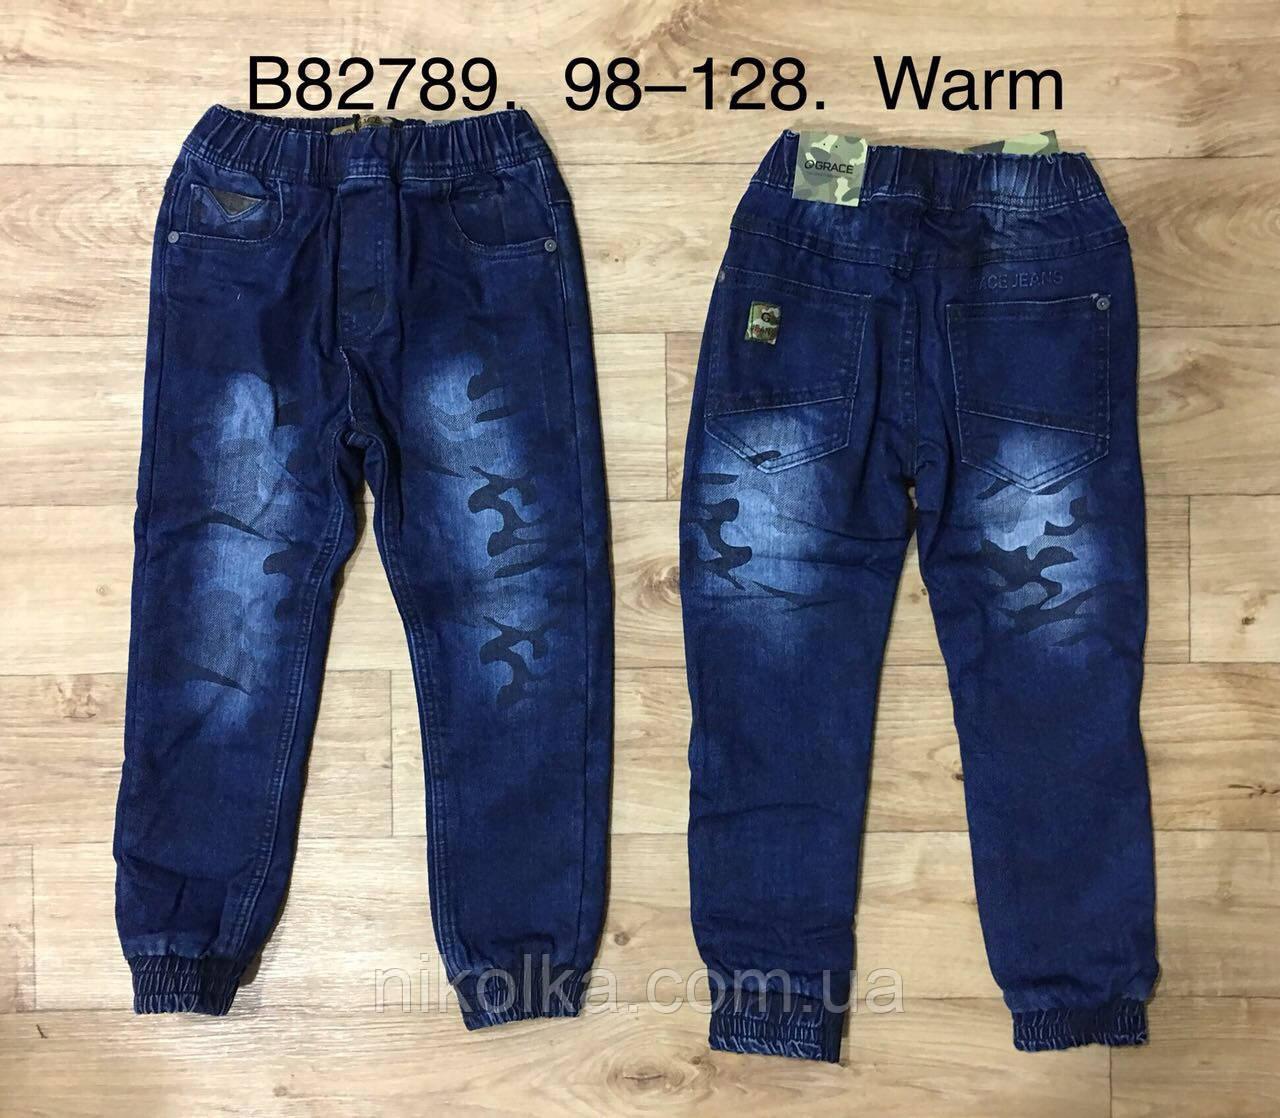 Джинсовые брюки на флисе для мальчиков оптом, Grace, 98-128 рр., арт. B82789